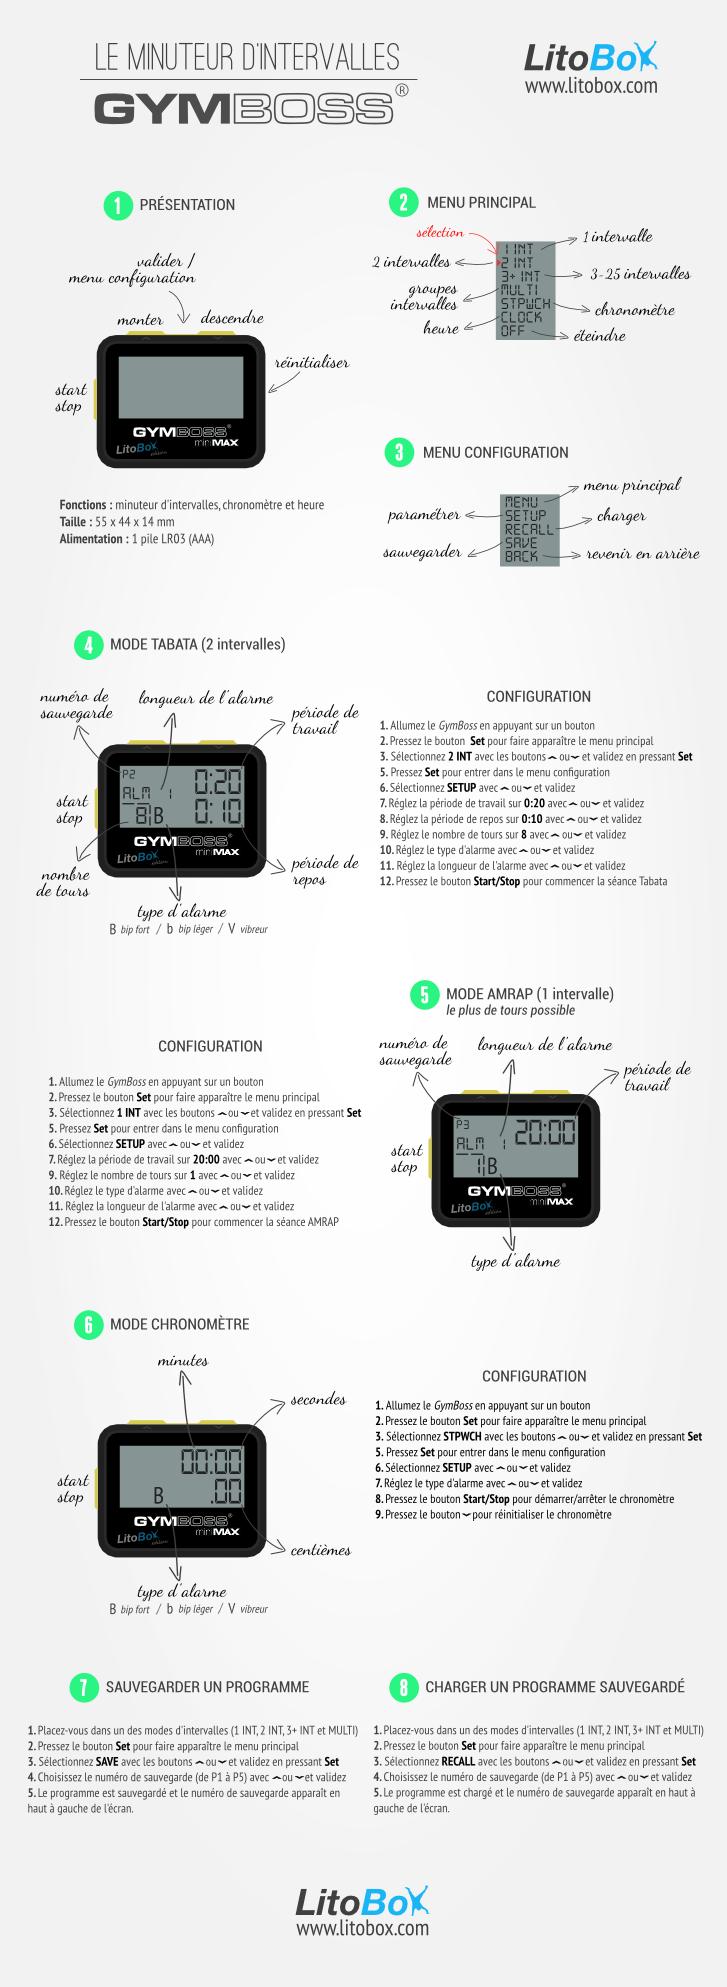 GymBoss mode d'emploi en 8 étapes